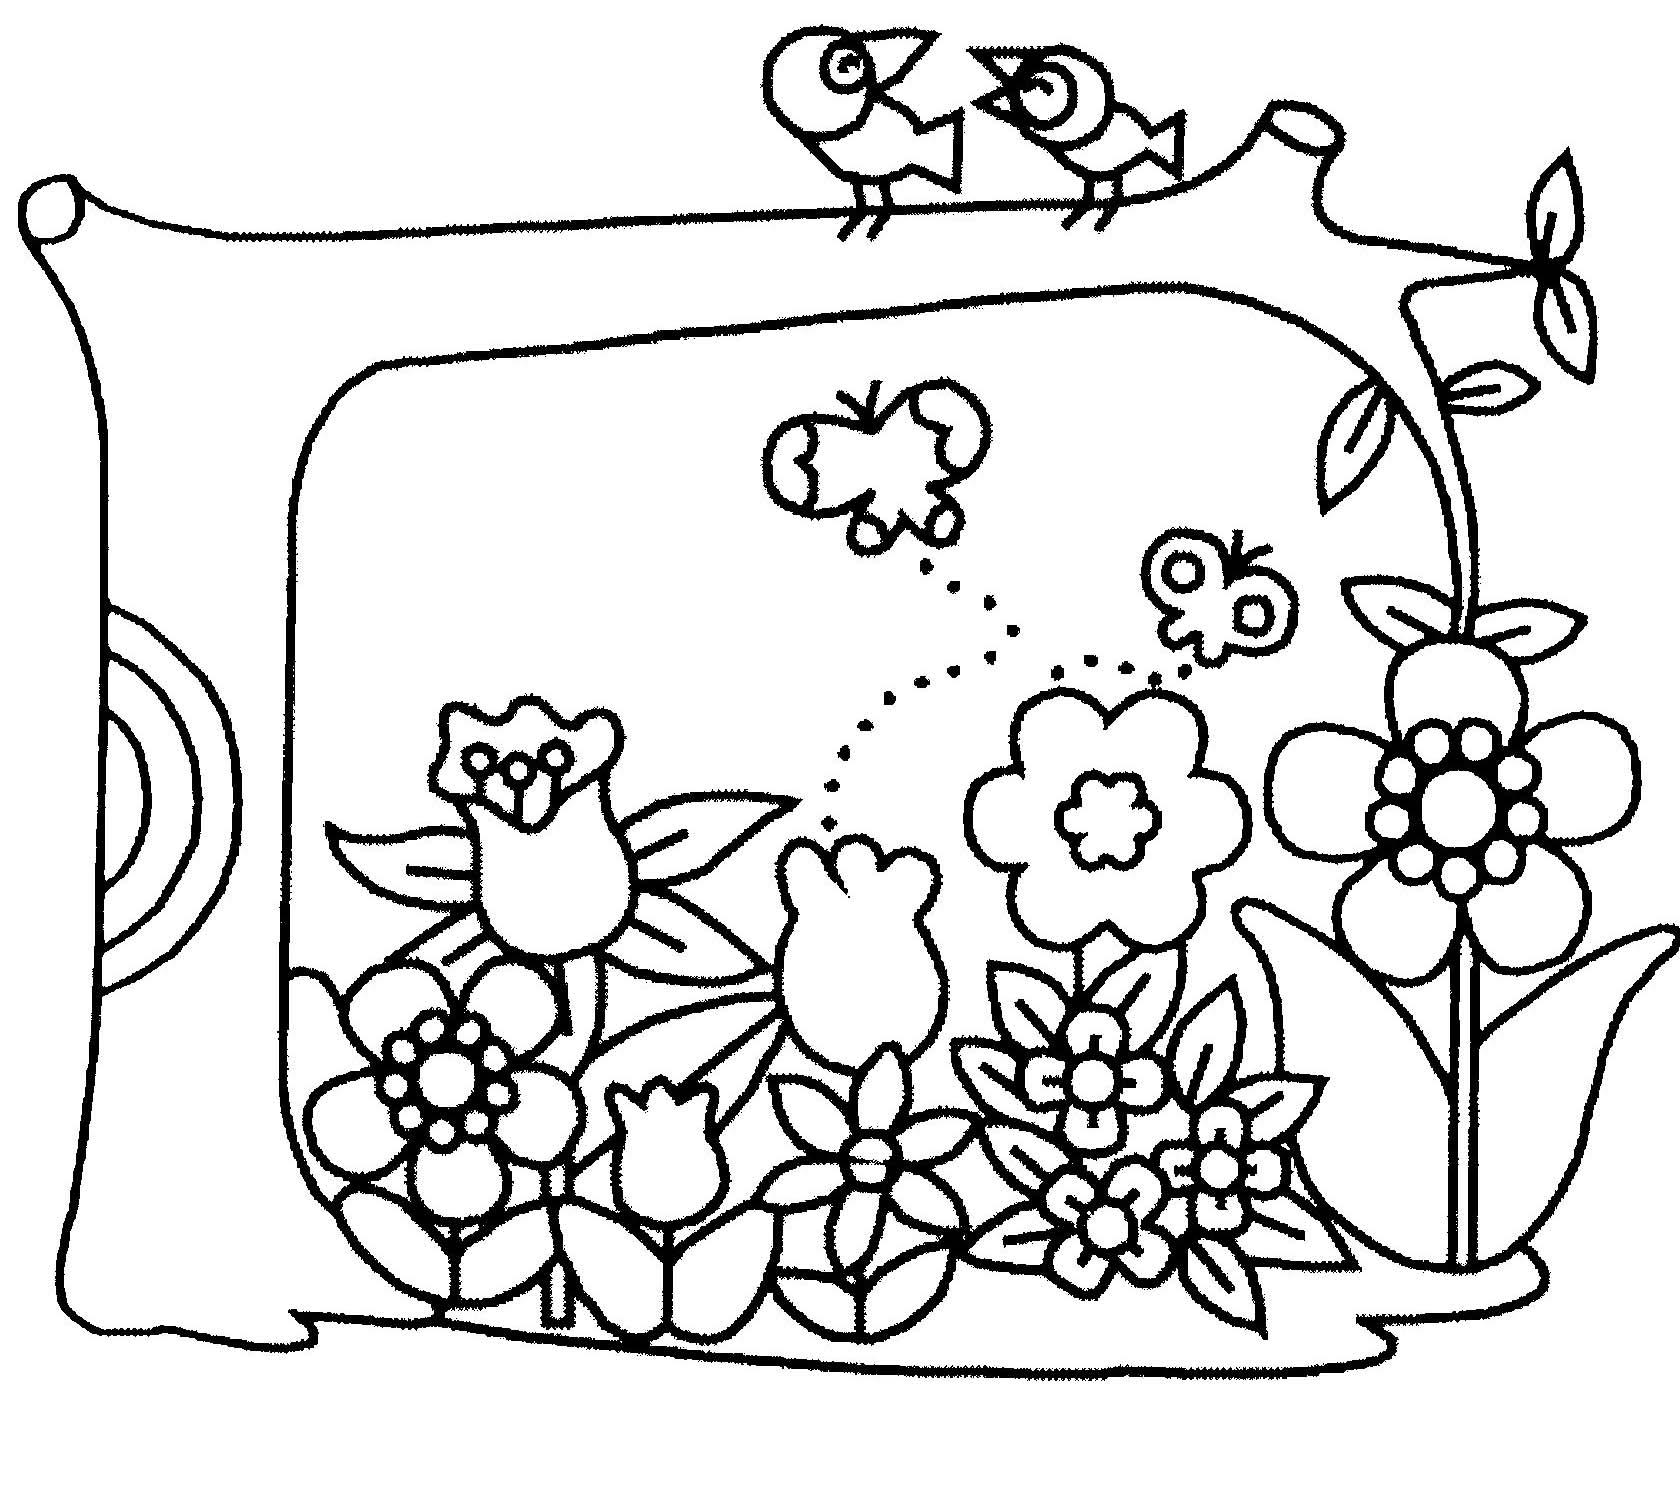 Coloriage Fleur Printemps A Imprimer.Dessin Fleur Printemps